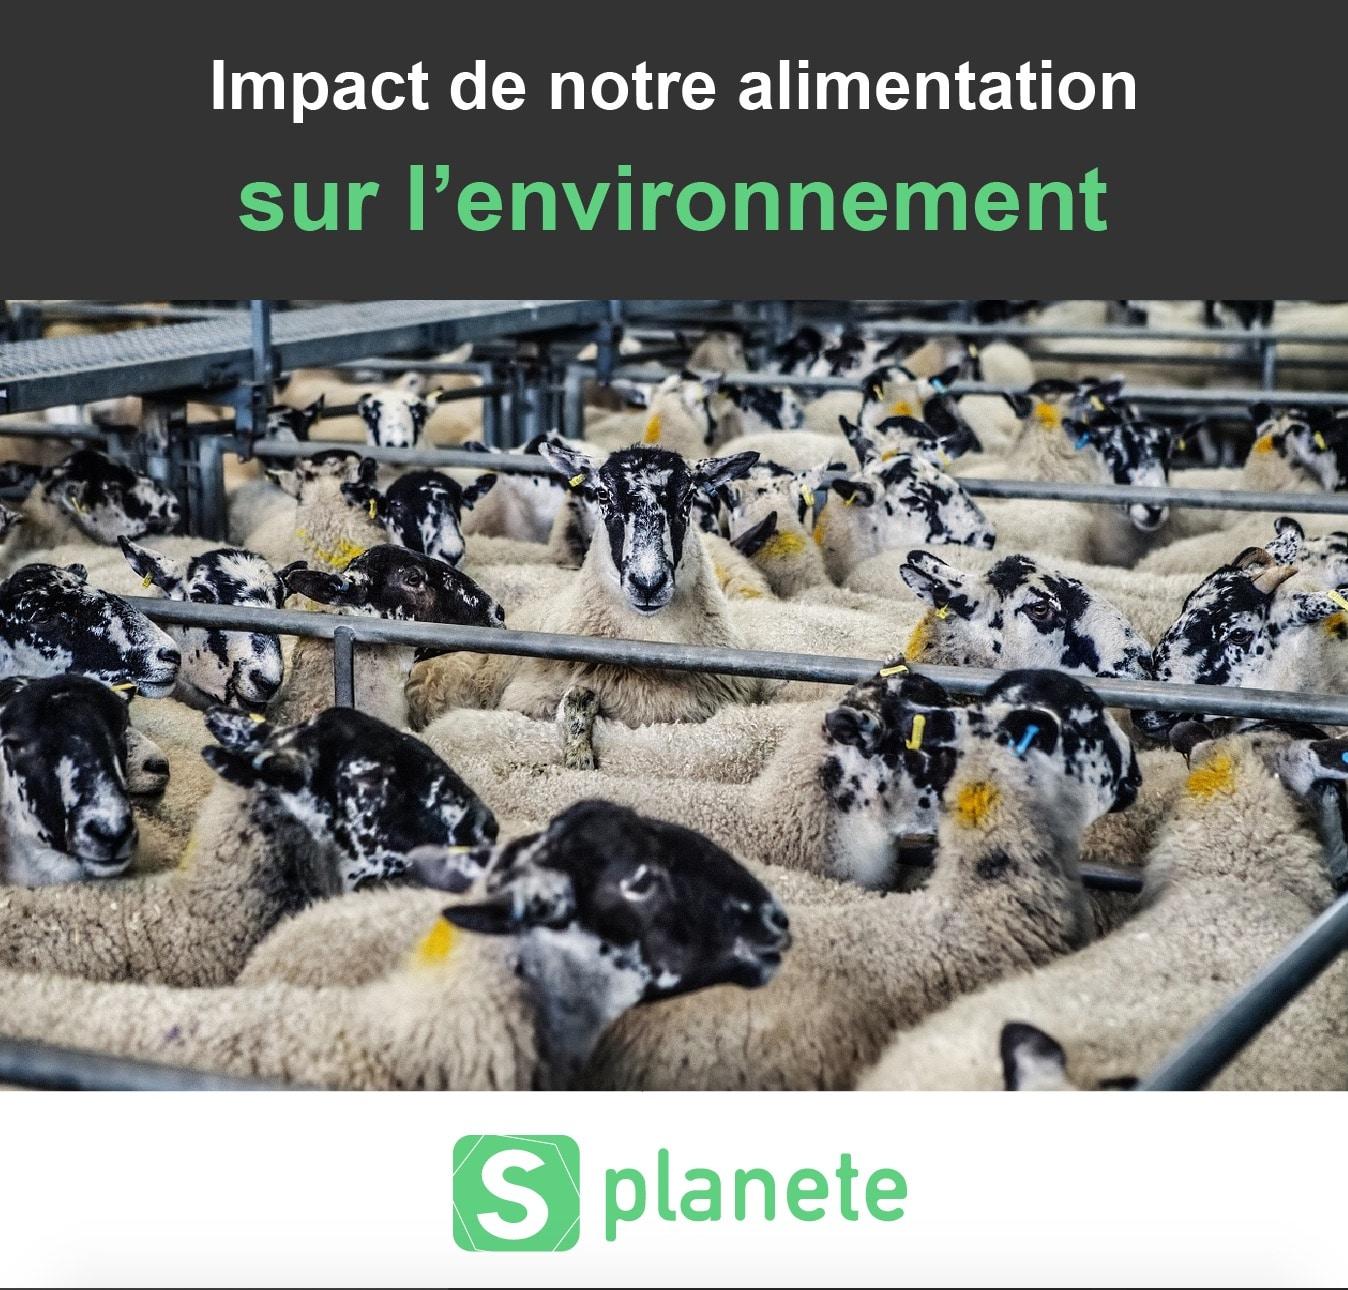 Impact de notre alimentation sur l'environnement